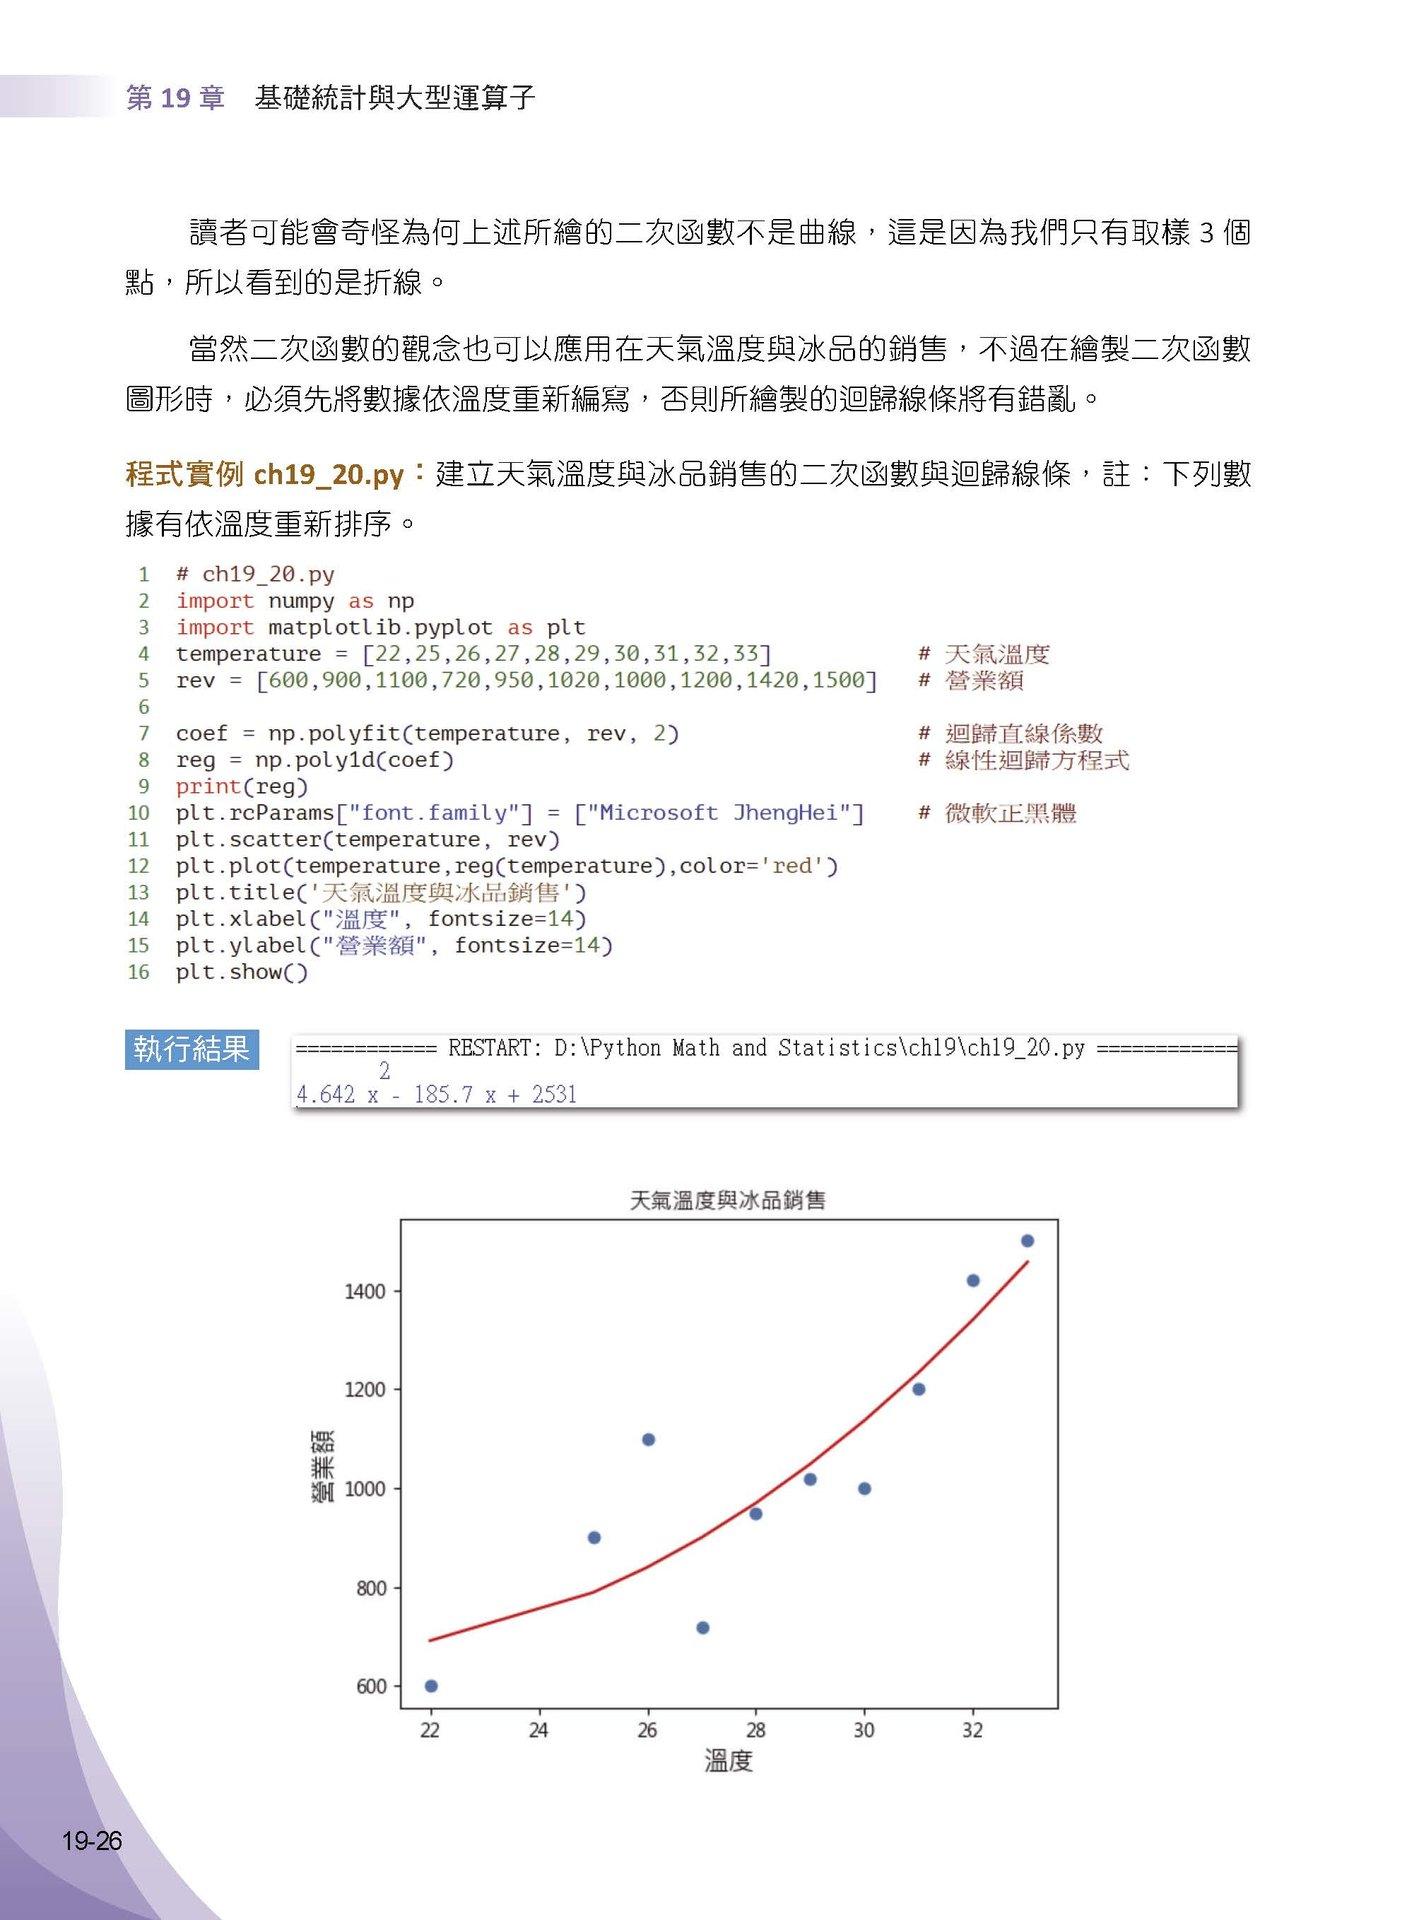 機器學習:彩色圖解 + 基礎數學篇 + Python 實作 -- 王者歸來, 2/e-preview-8